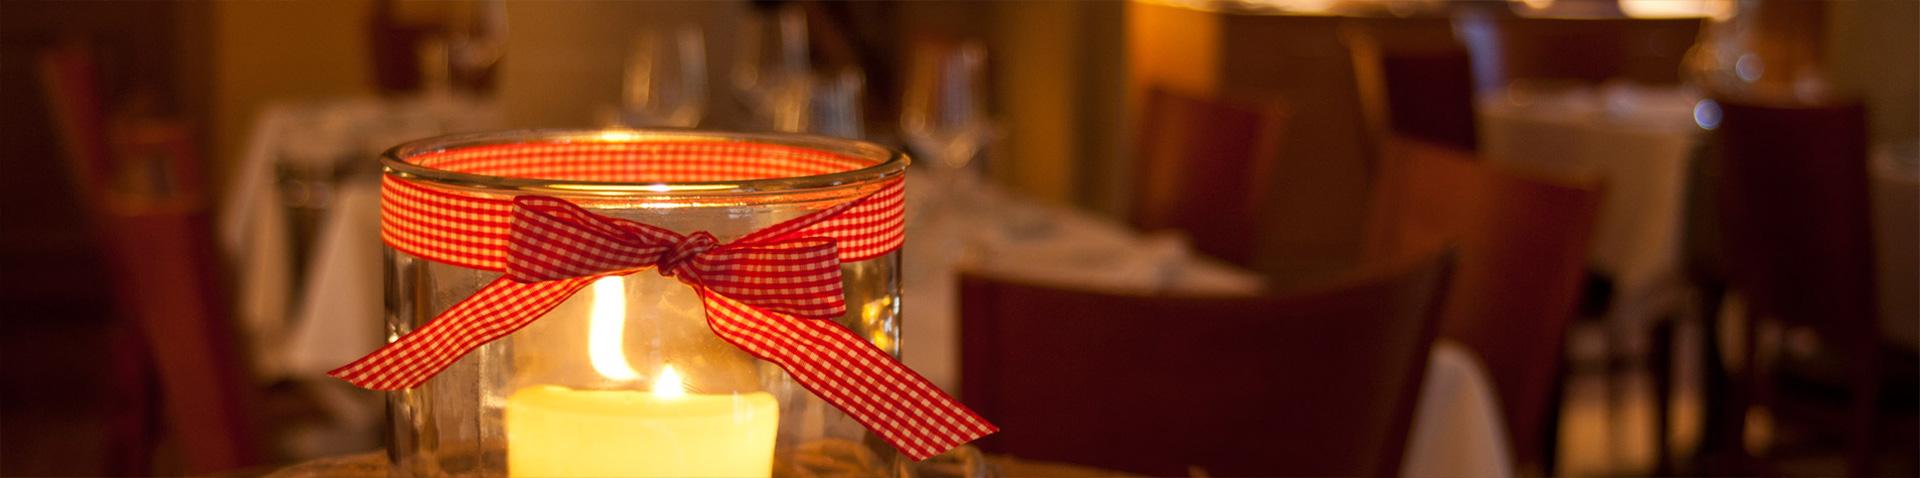 Gästehaus im Weingut